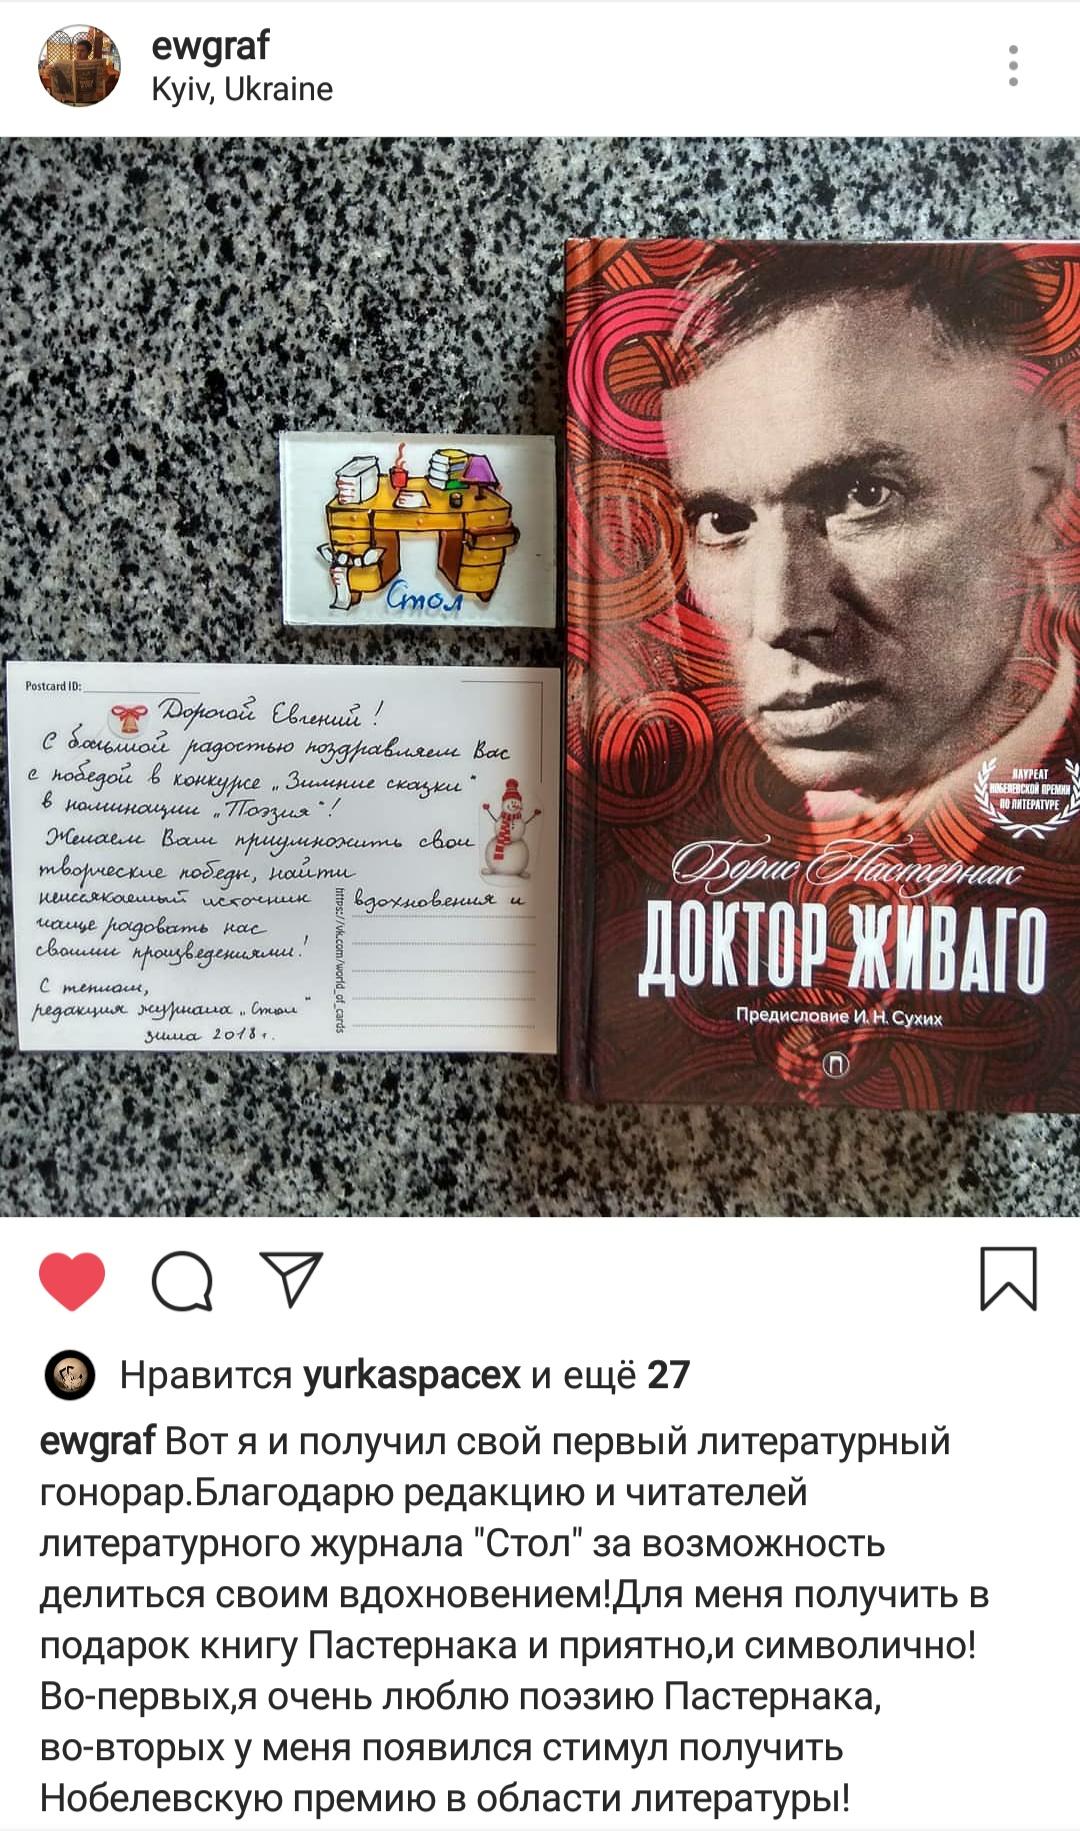 Отзыв Евгения Каштанова